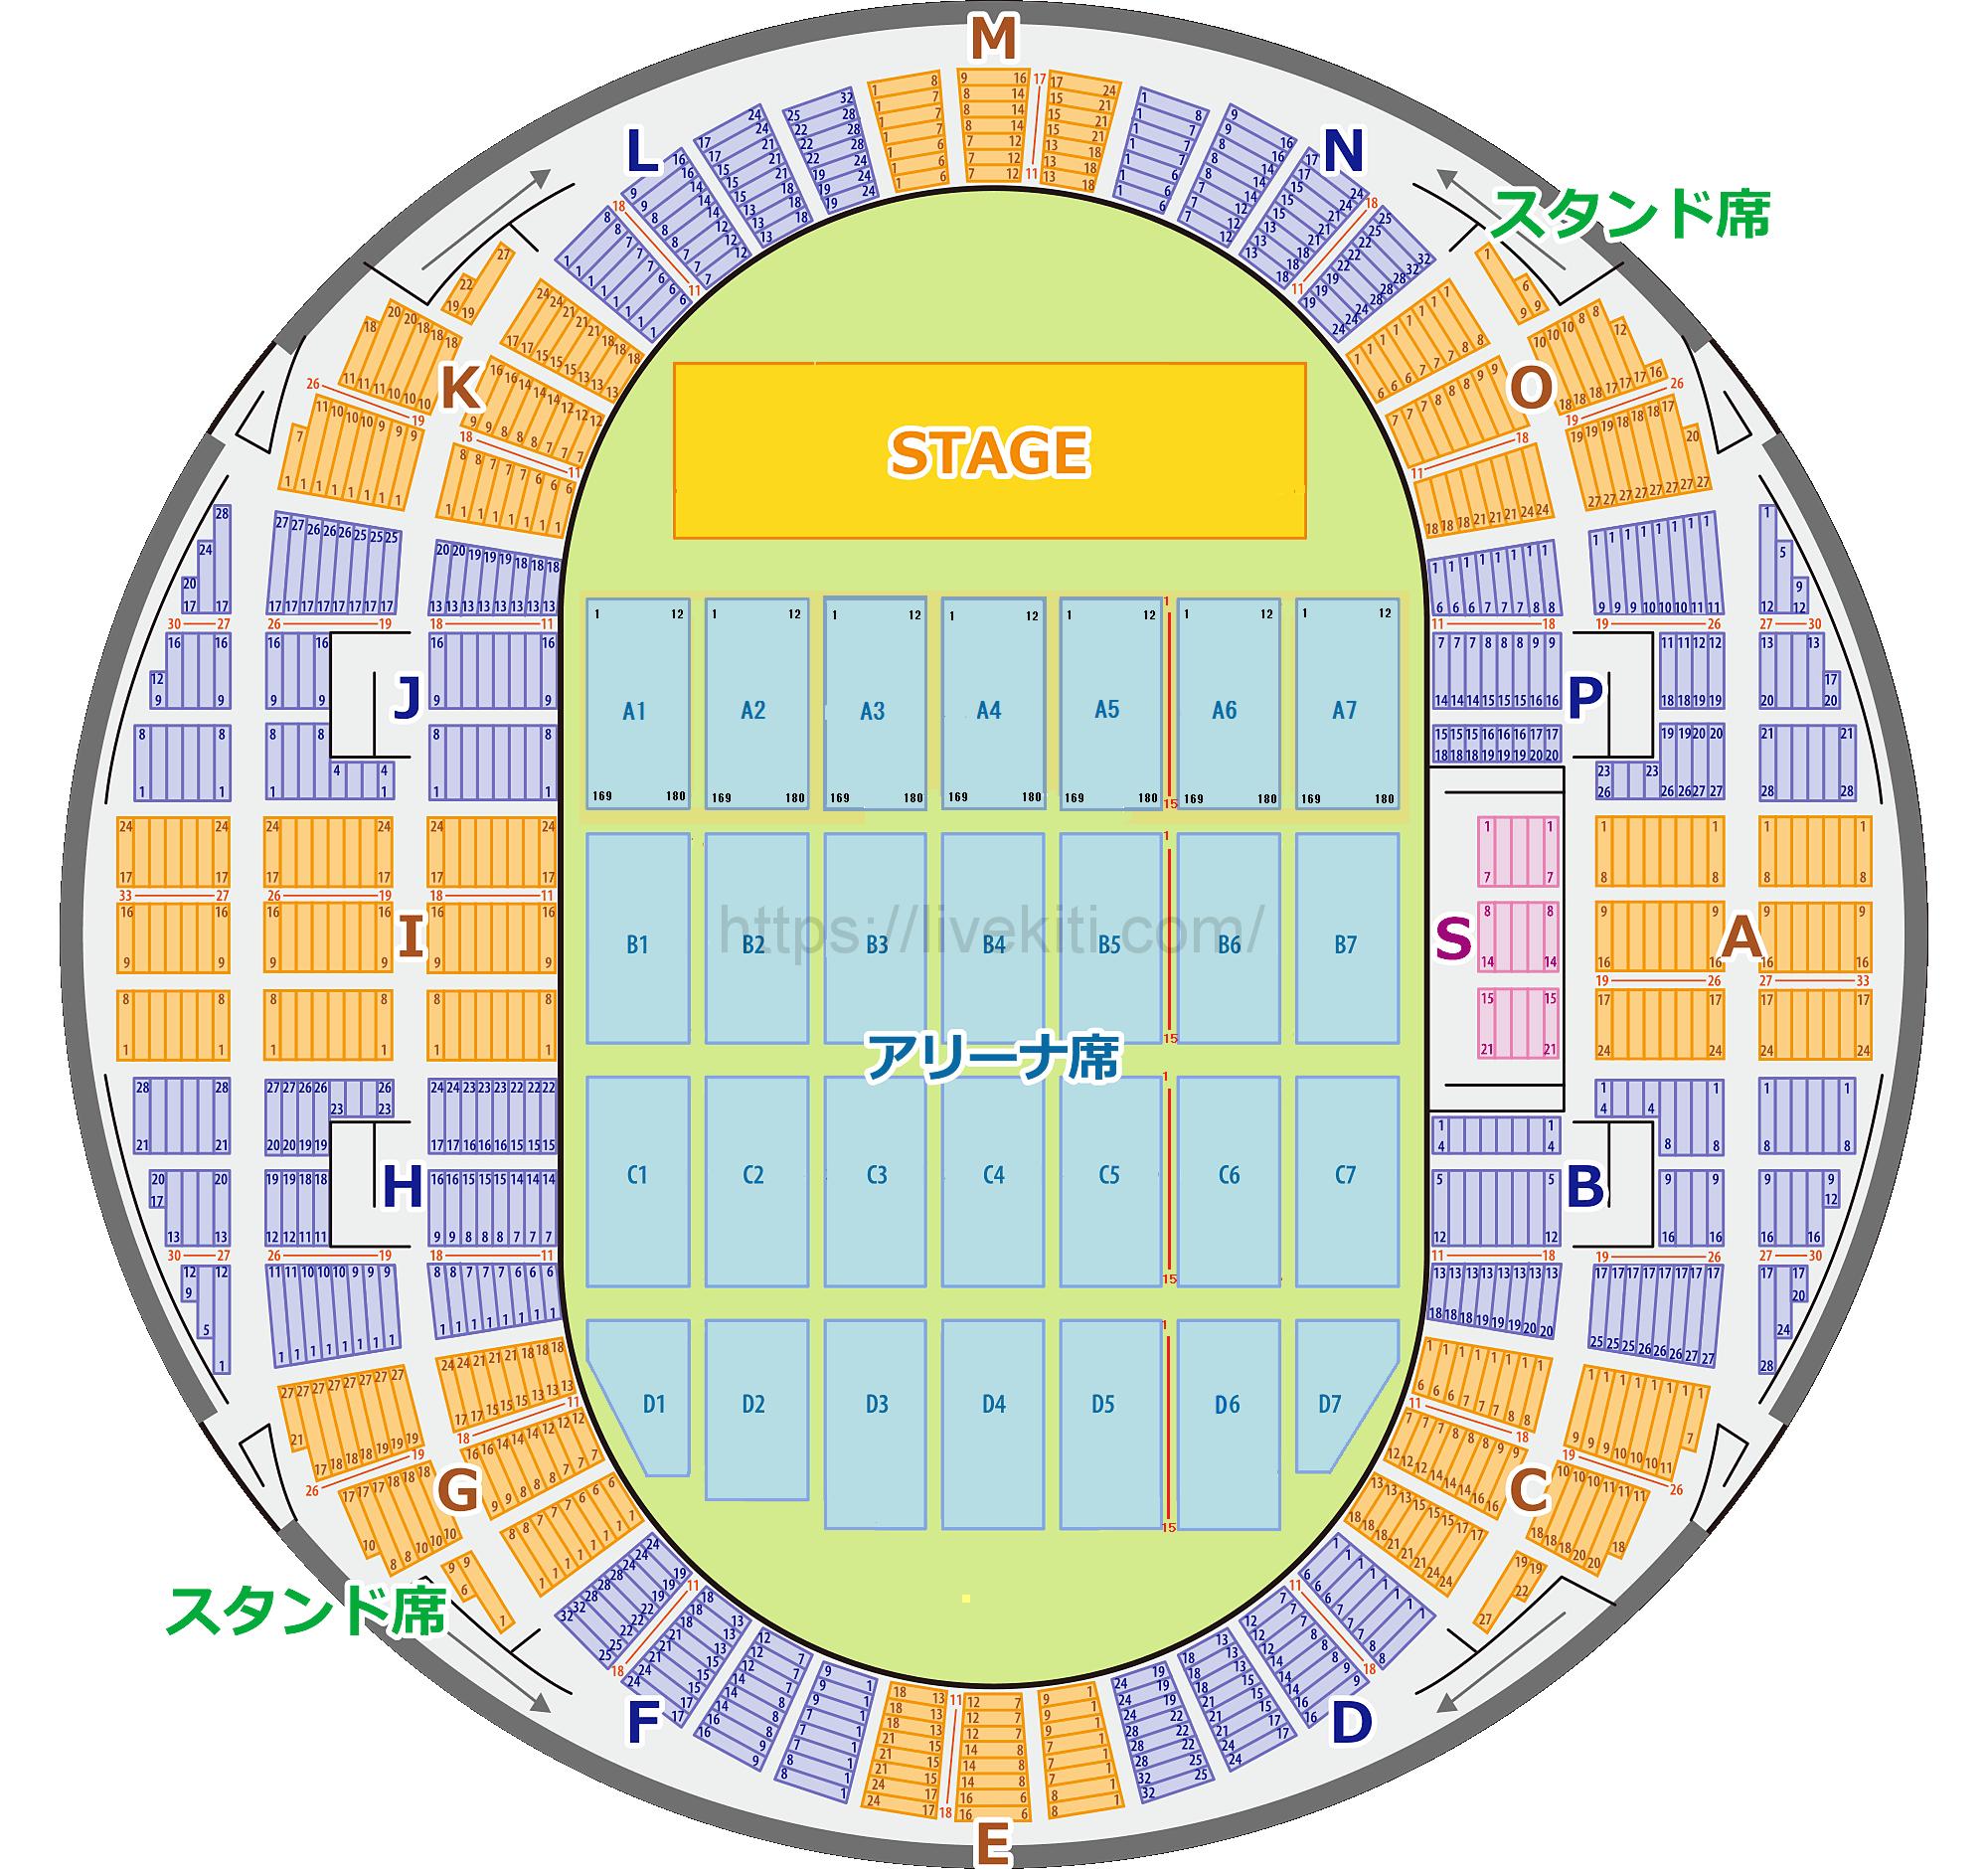 キャパ 日本 ガイシ ホール 日本ガイシホール(愛知県) 座席・キャパ・アクセス情報や開催される公演一覧|チケジャム